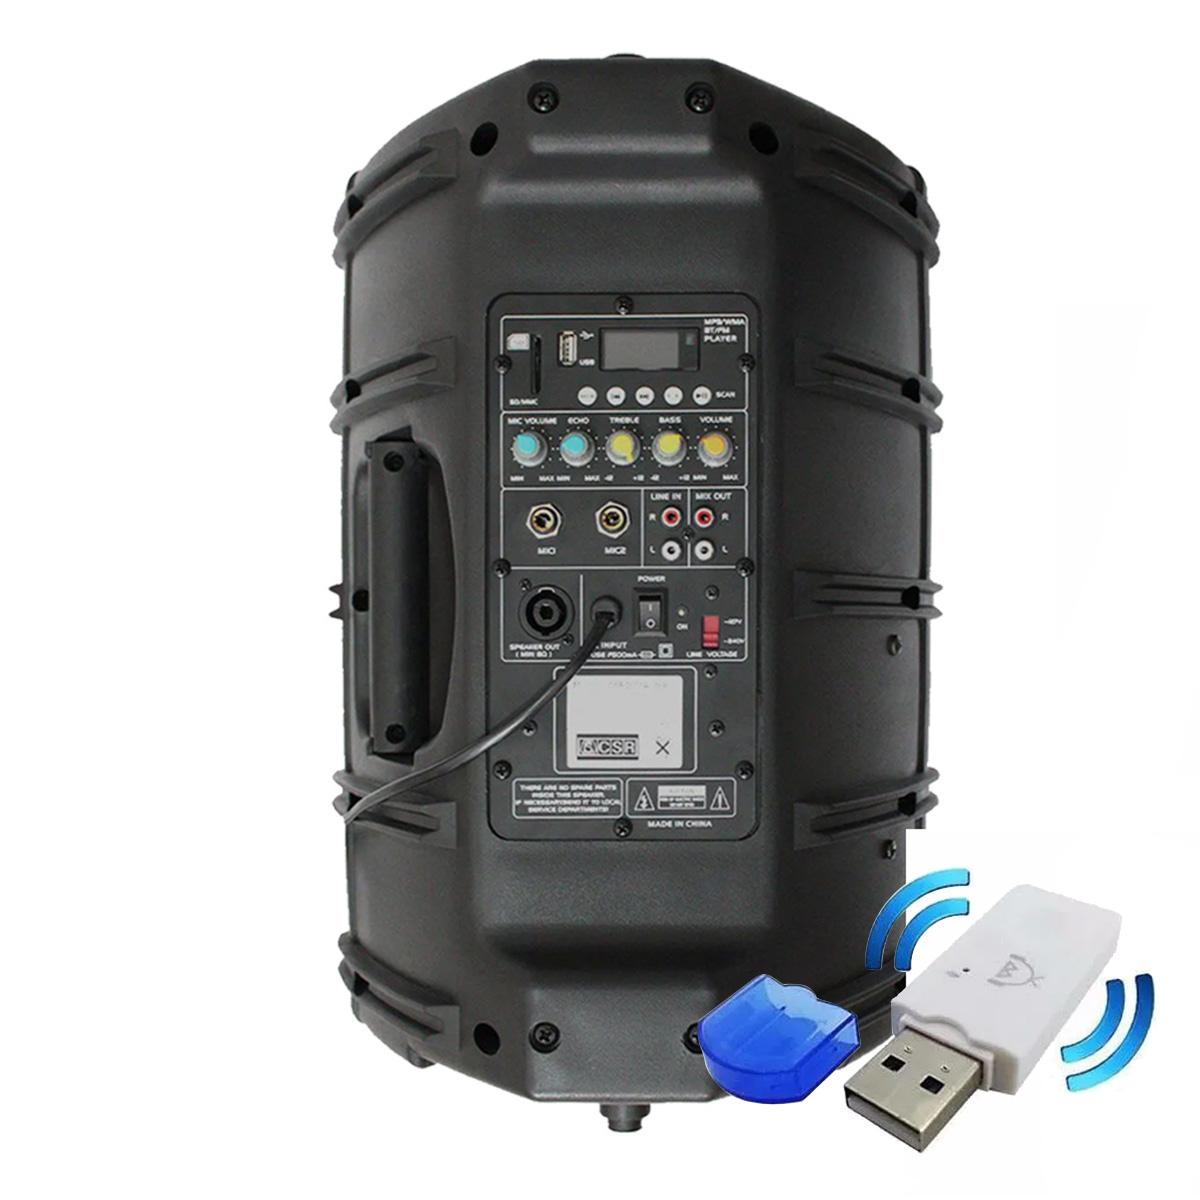 Caixa Ativa 10 Polegadas USB e Bluetooth CSR2500AUSB